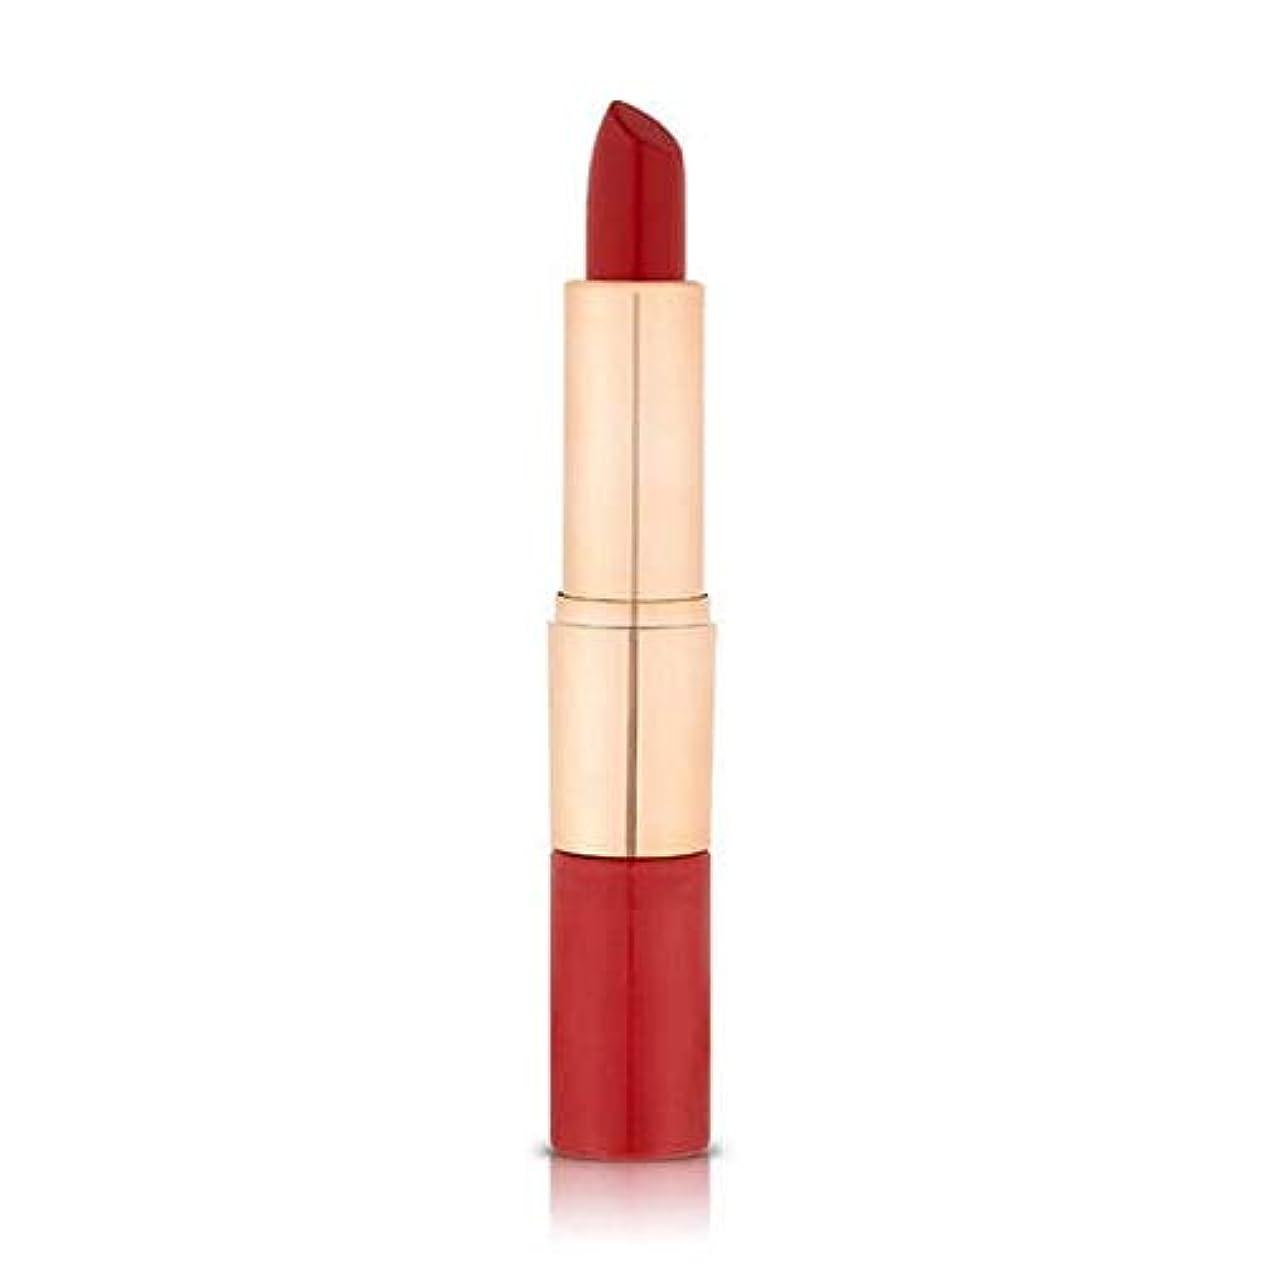 本土常習者勉強する[Flower Beauty ] 花の美しさのミックスN」はマットリップスティックデュオ赤いベルベット690 - Flower Beauty Mix N' Matte Lipstick Duo Red Velvet 690...